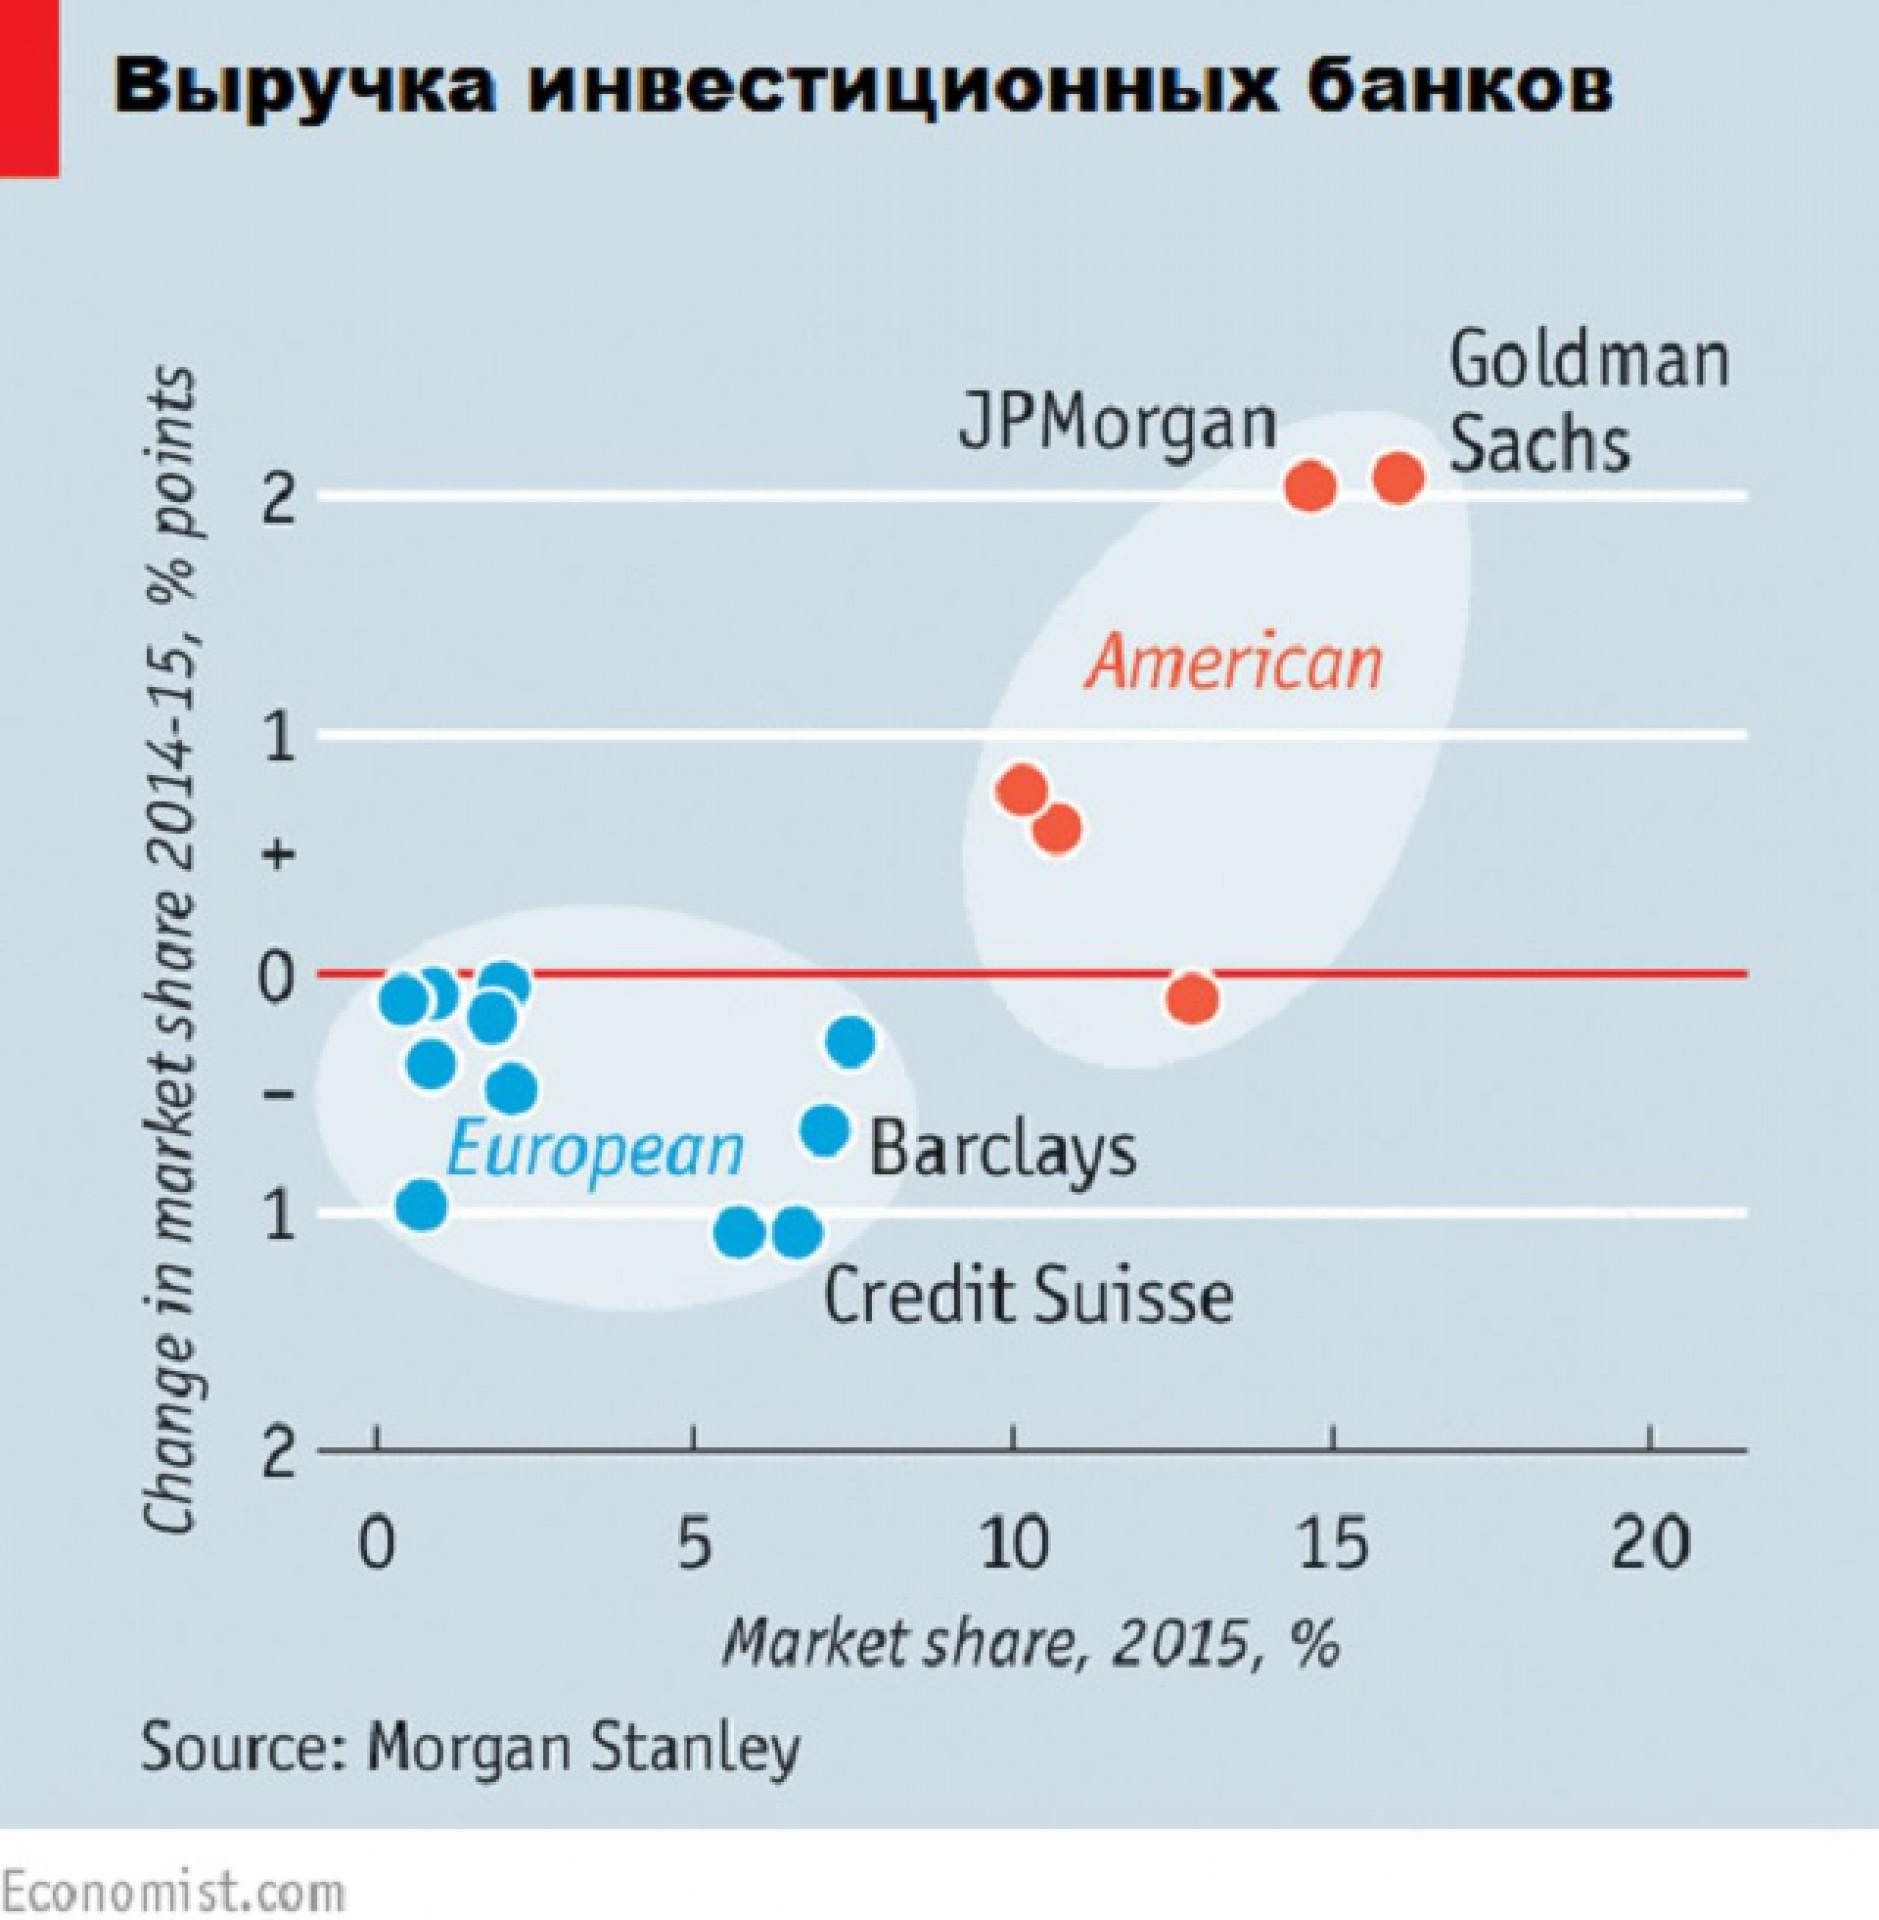 Почему банки в США более успешны, чем в Европе?